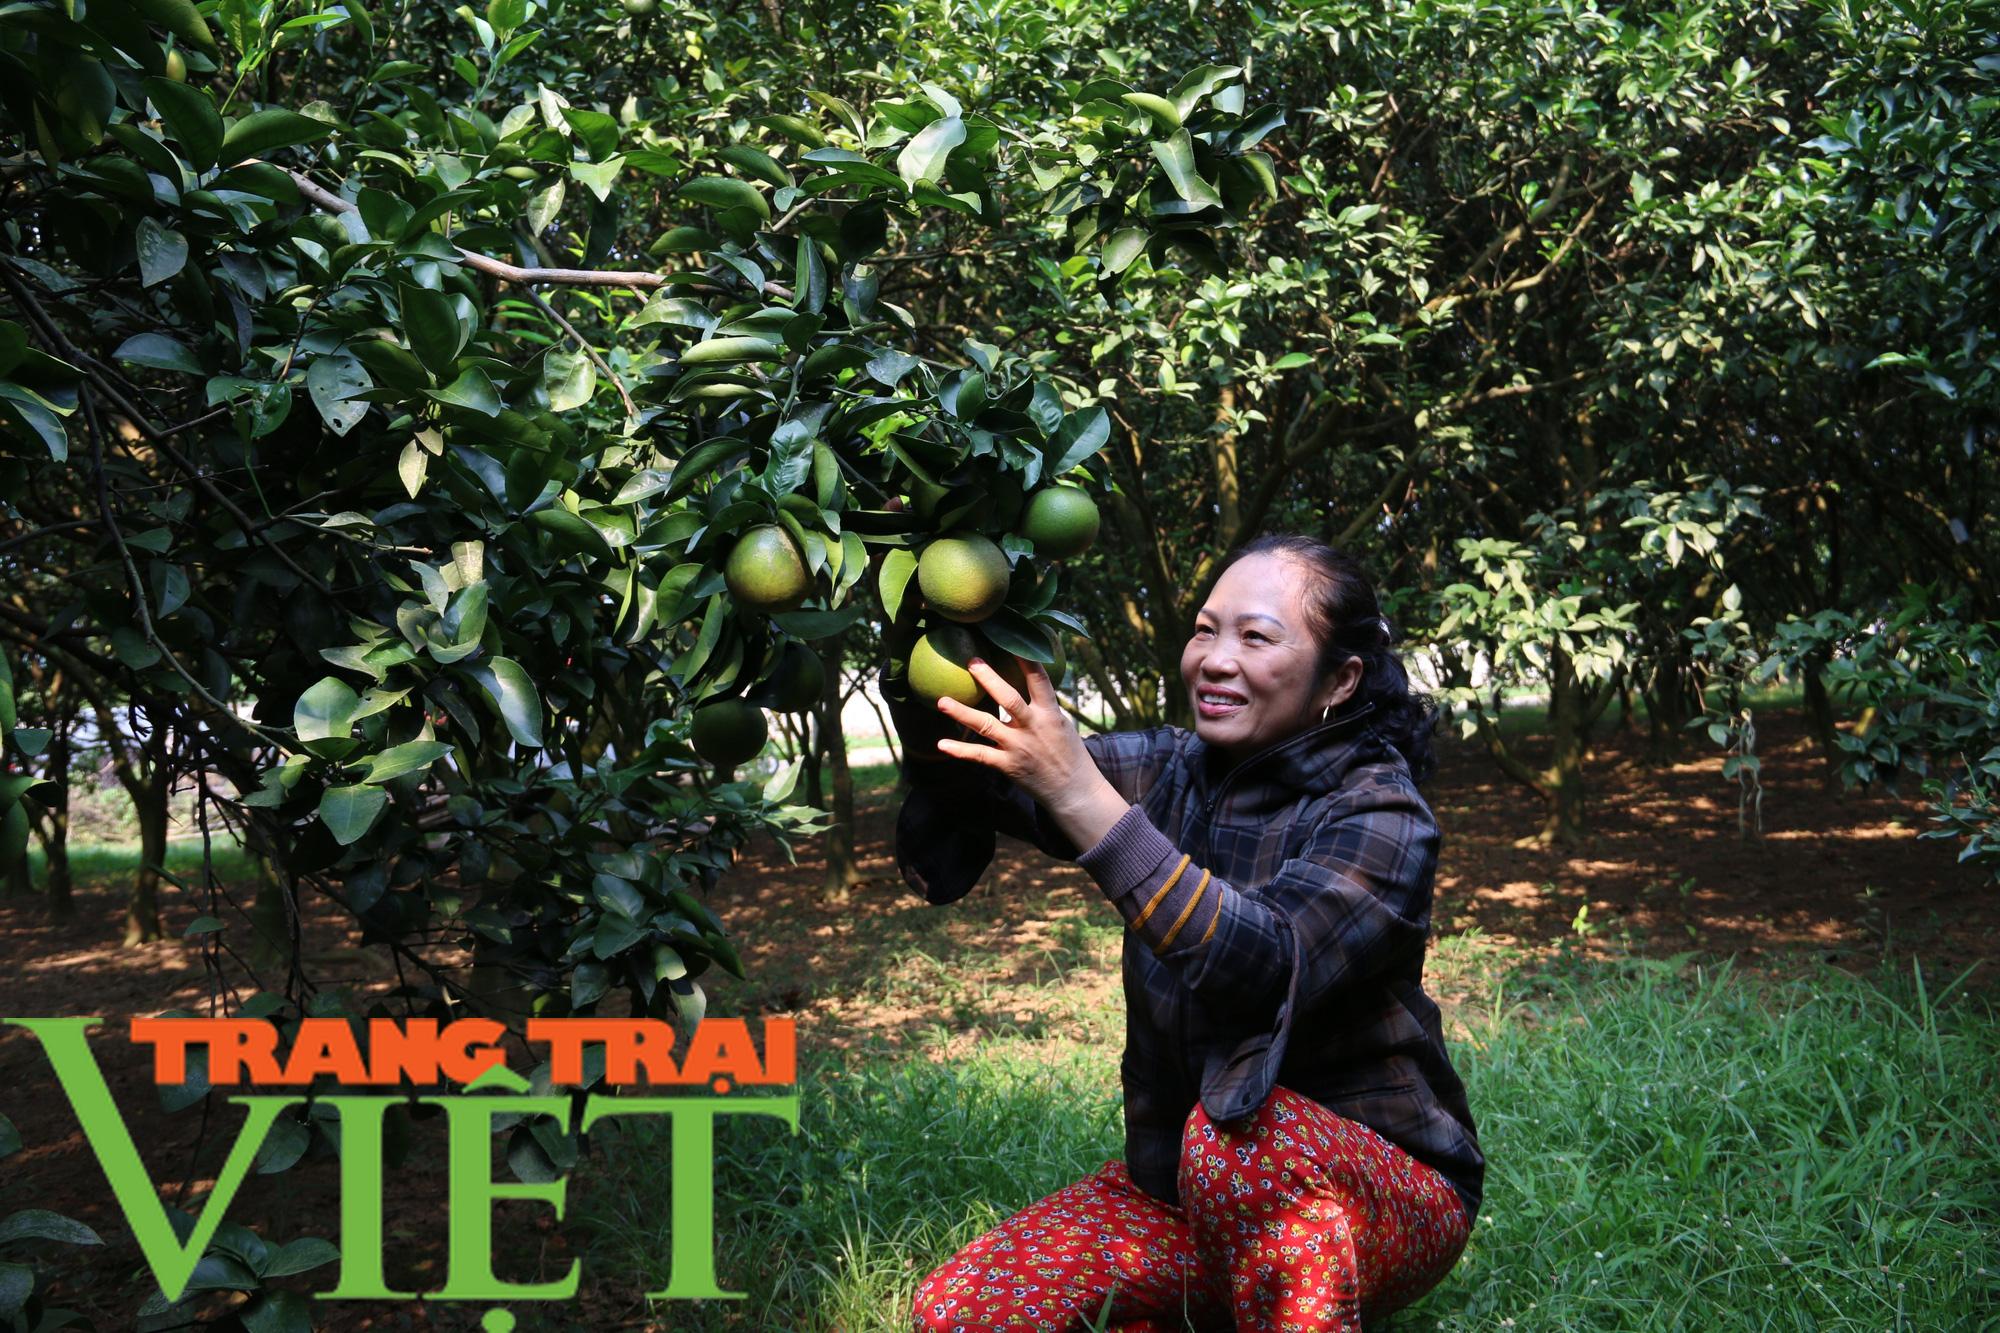 Hòa Bình: Cây ăn quả có múi là sản phẩm chủ lực khẳng định vị thế trên thị trường - Ảnh 4.